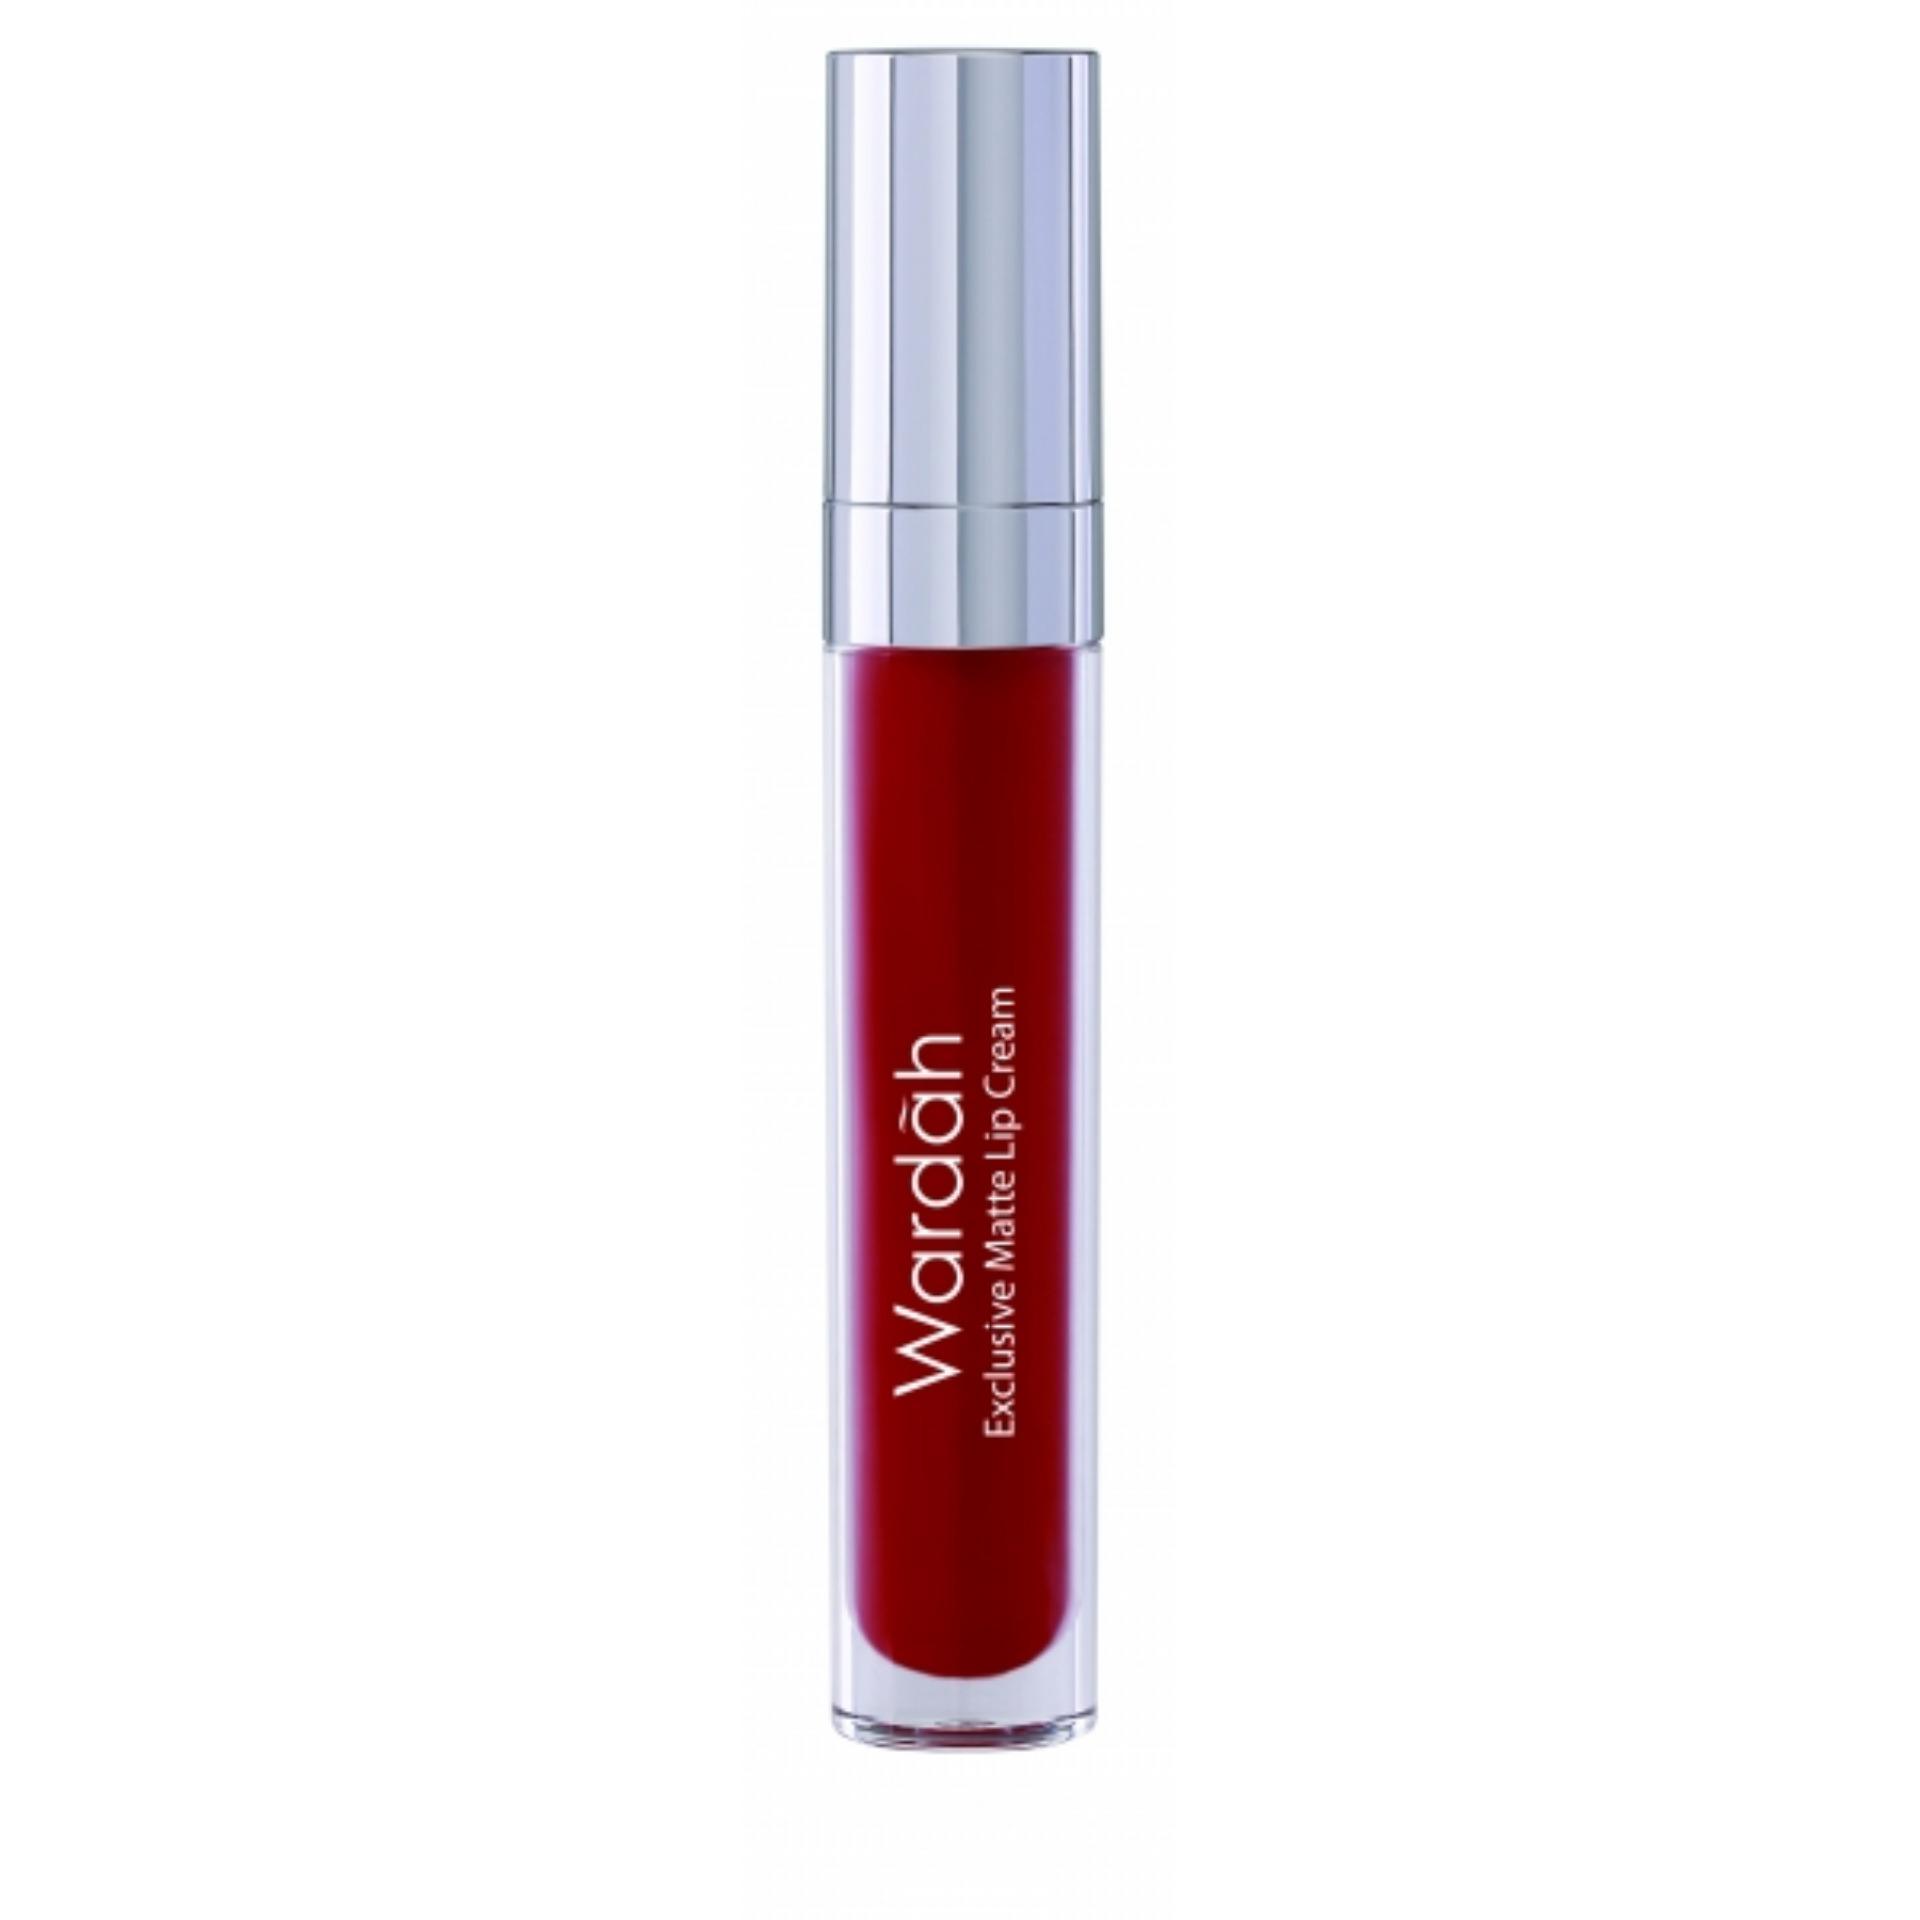 Iklan Wardah Exclusive Matte Lip Cream 01 Red Dicted Pewarna Bibir Lip Cream Matte